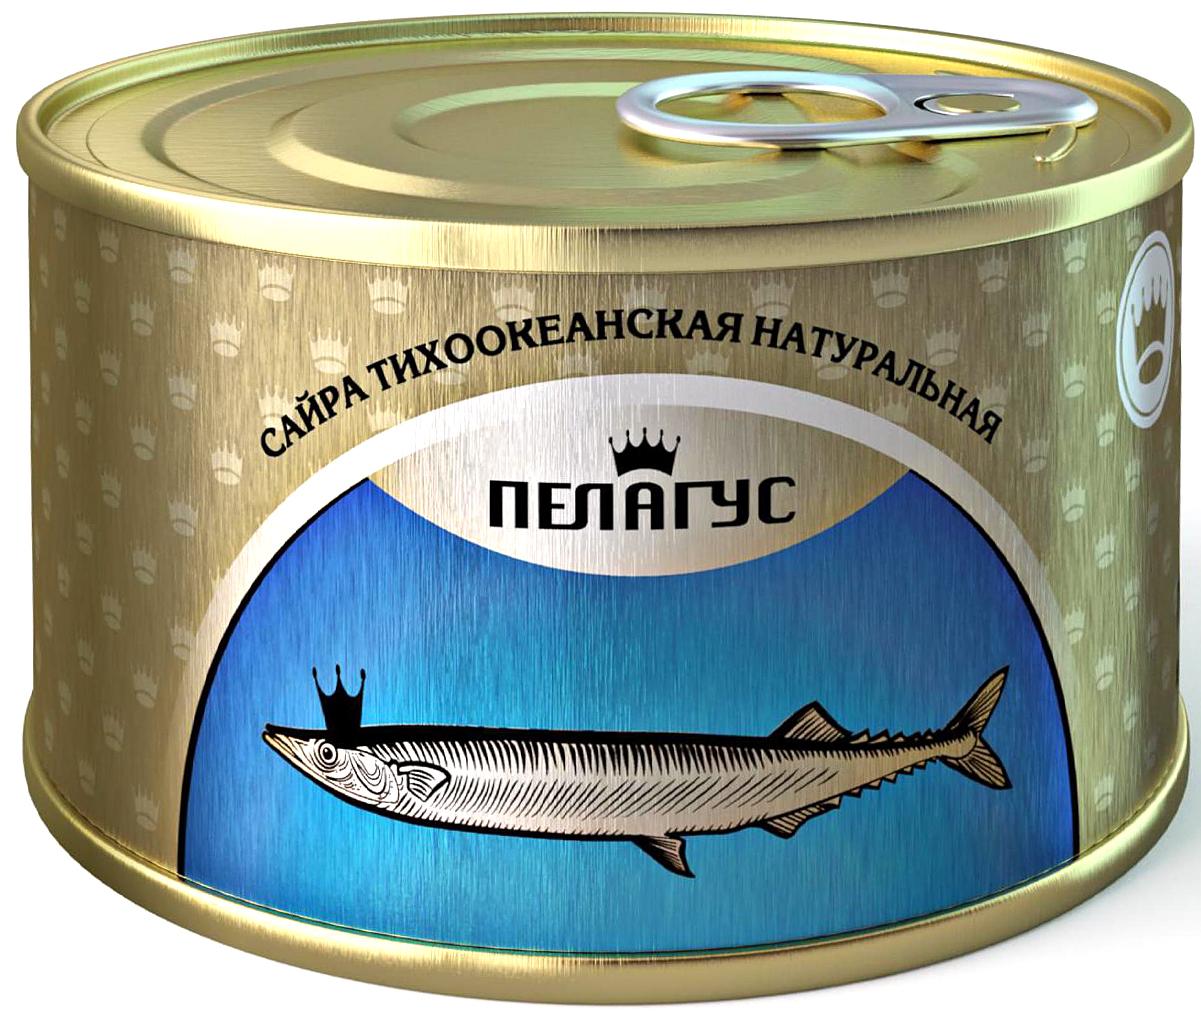 Пелагус сайра тихоокеанская натуральная с добавлением масла №5, 230 г4627098460118Рыбные консервы из тихоокеанской сайры с добавлением масла. Продукция изготовлена по ГОСТу.